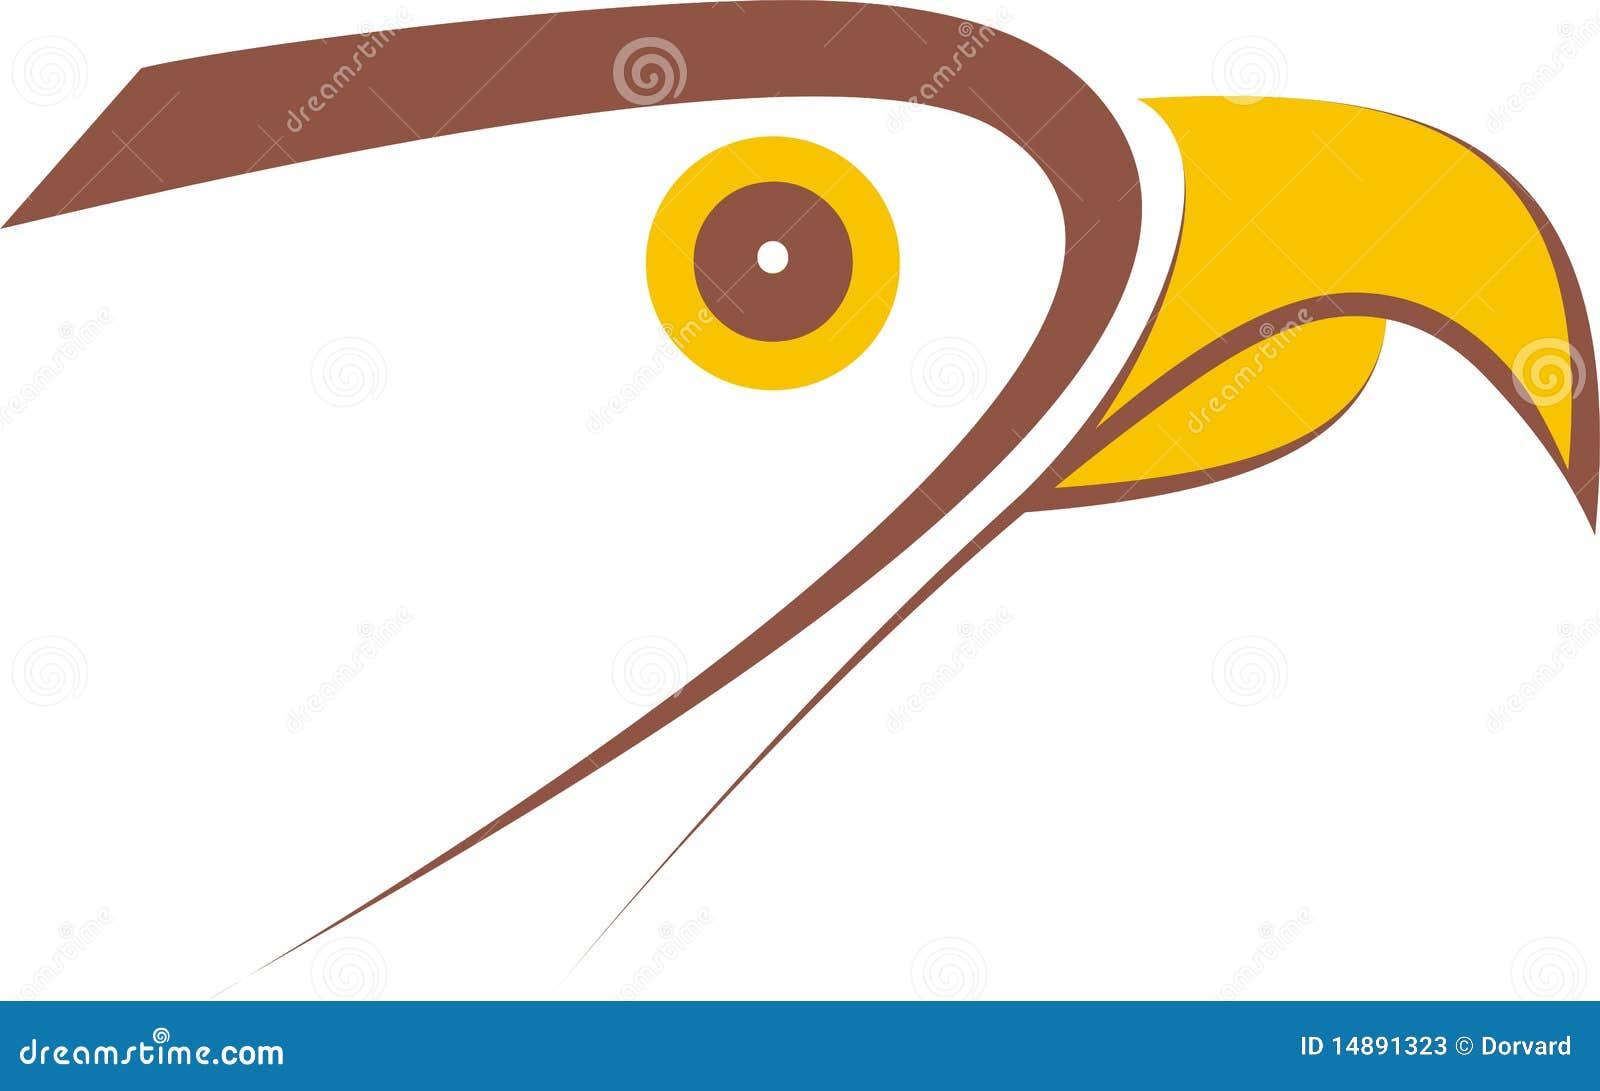 falcon logo design stock photos image 14891323